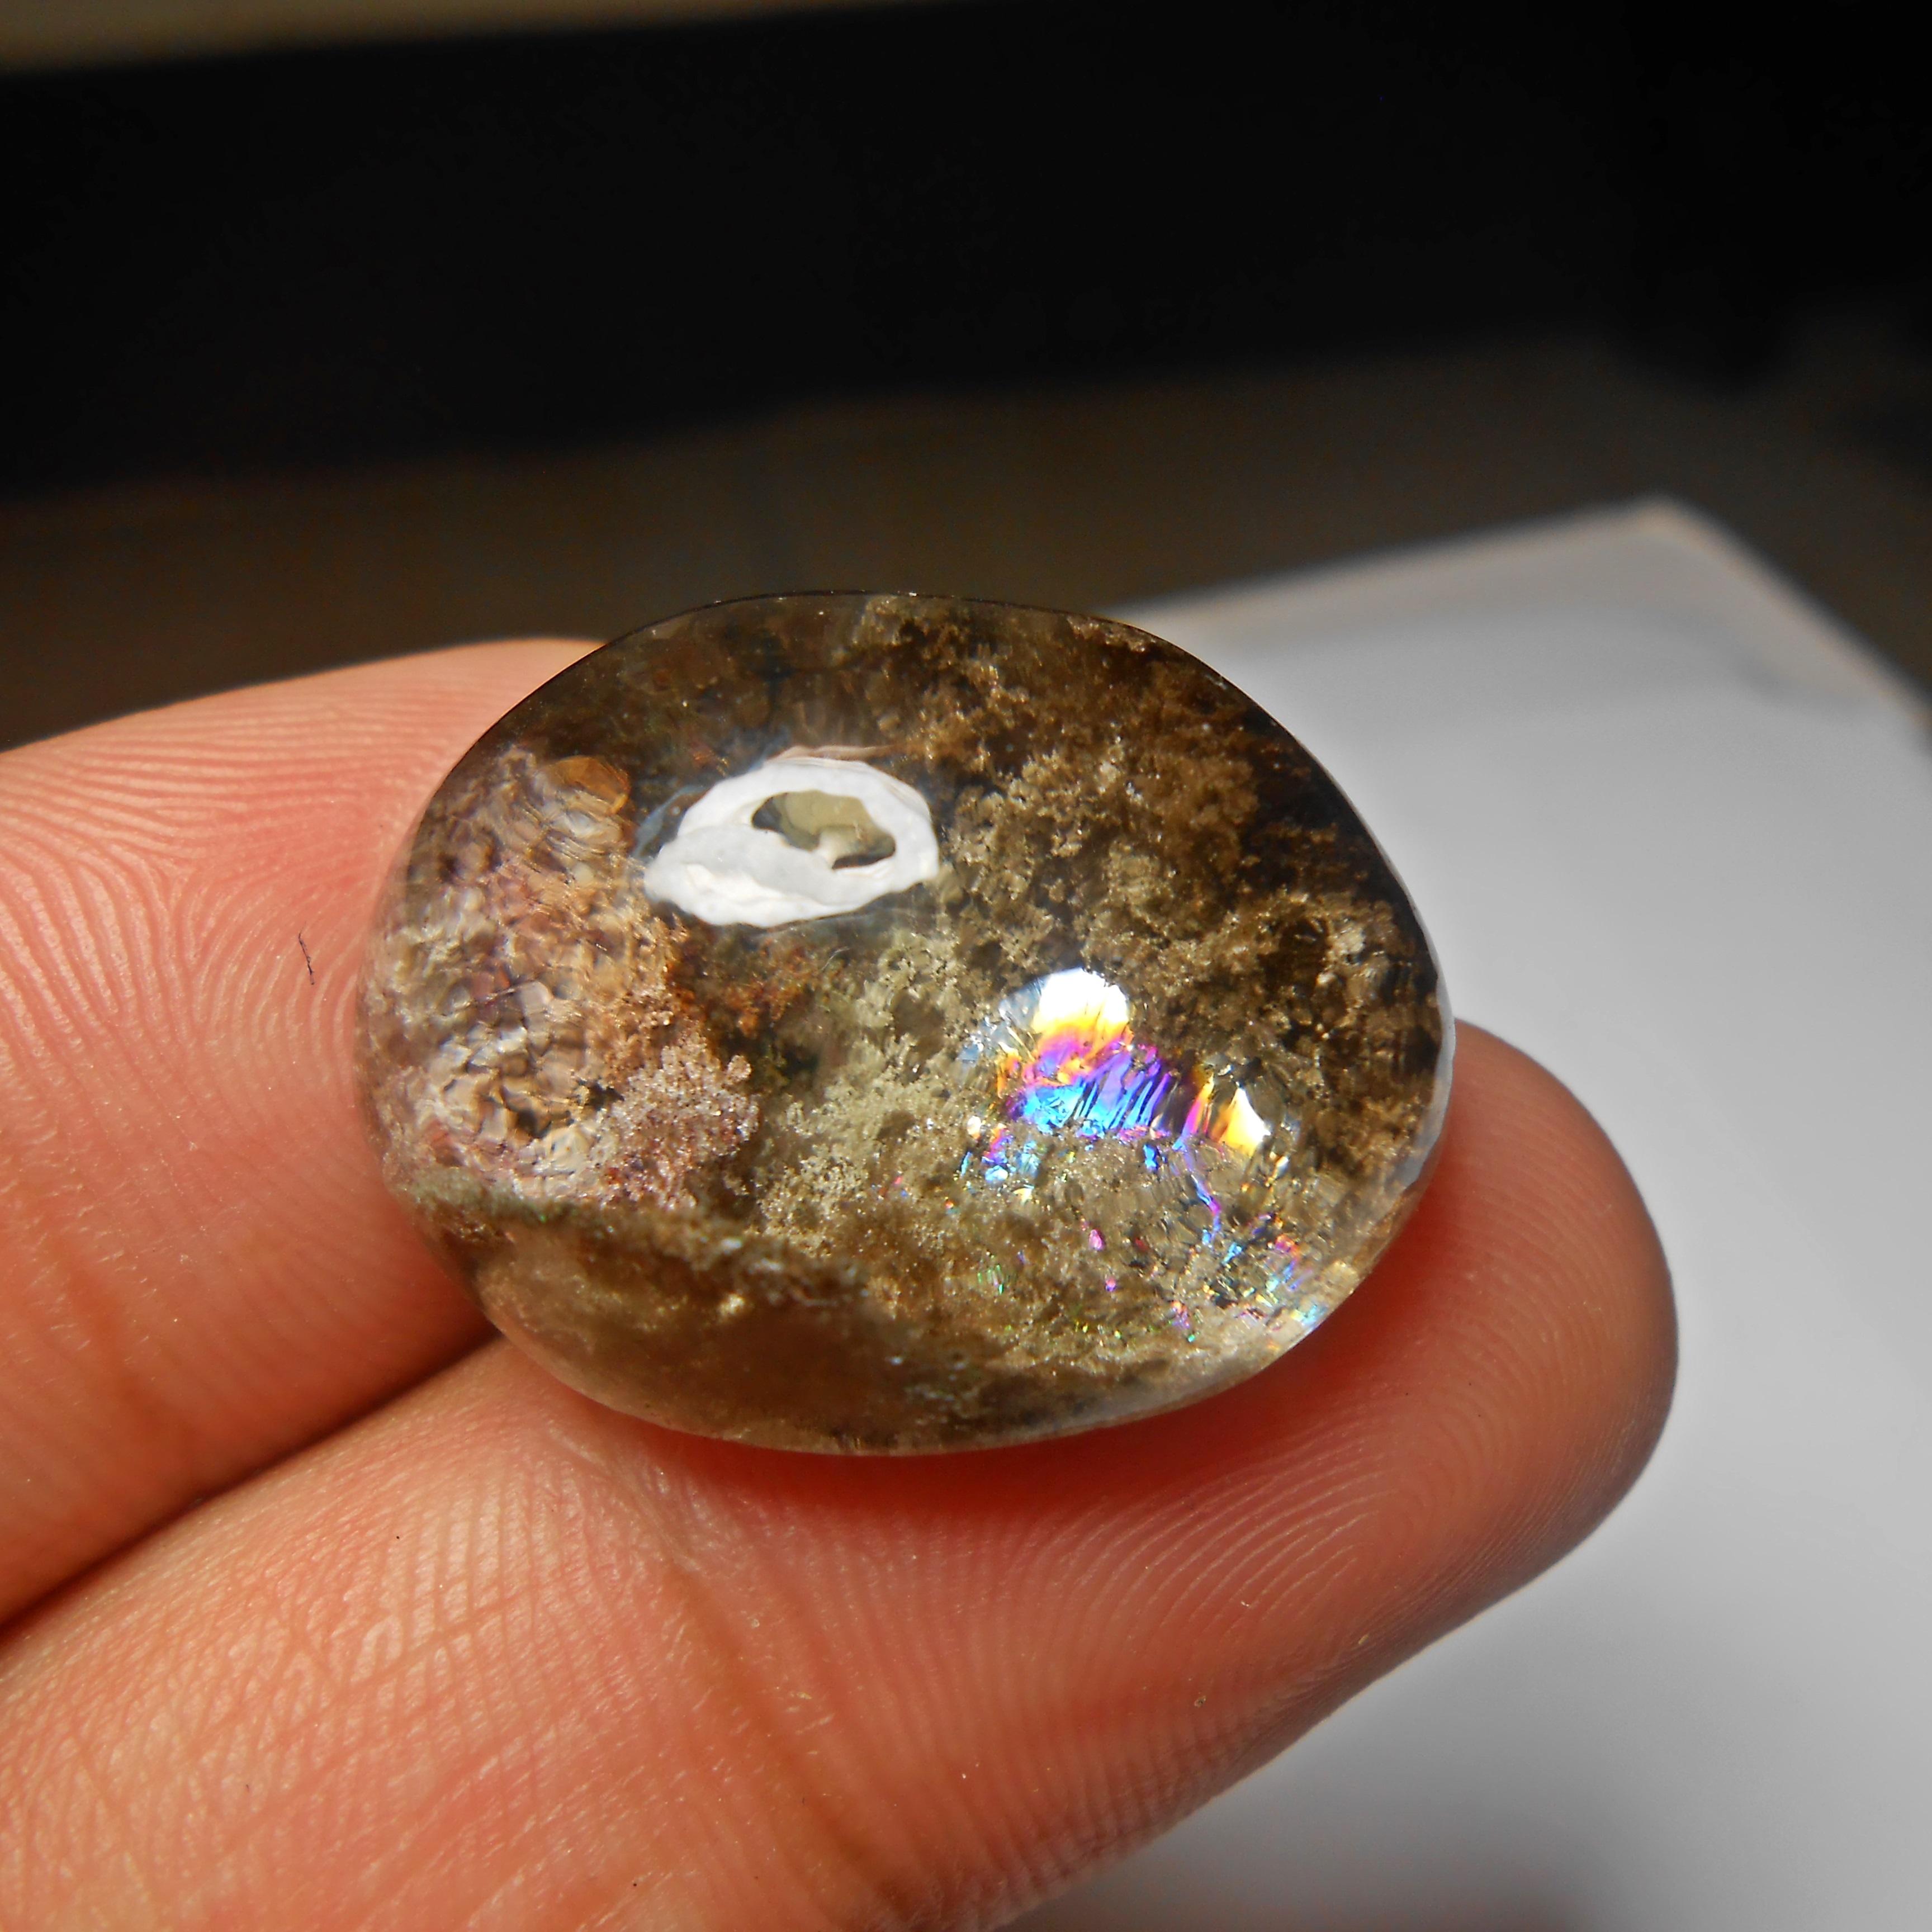 แก้วปวก สุวรรณสามรัศมีในประกายรุ้ง น้ำใส A+++ สวยงาม ขนาด2.7x2.2 cm ทำจี้ แหวน สวยๆ